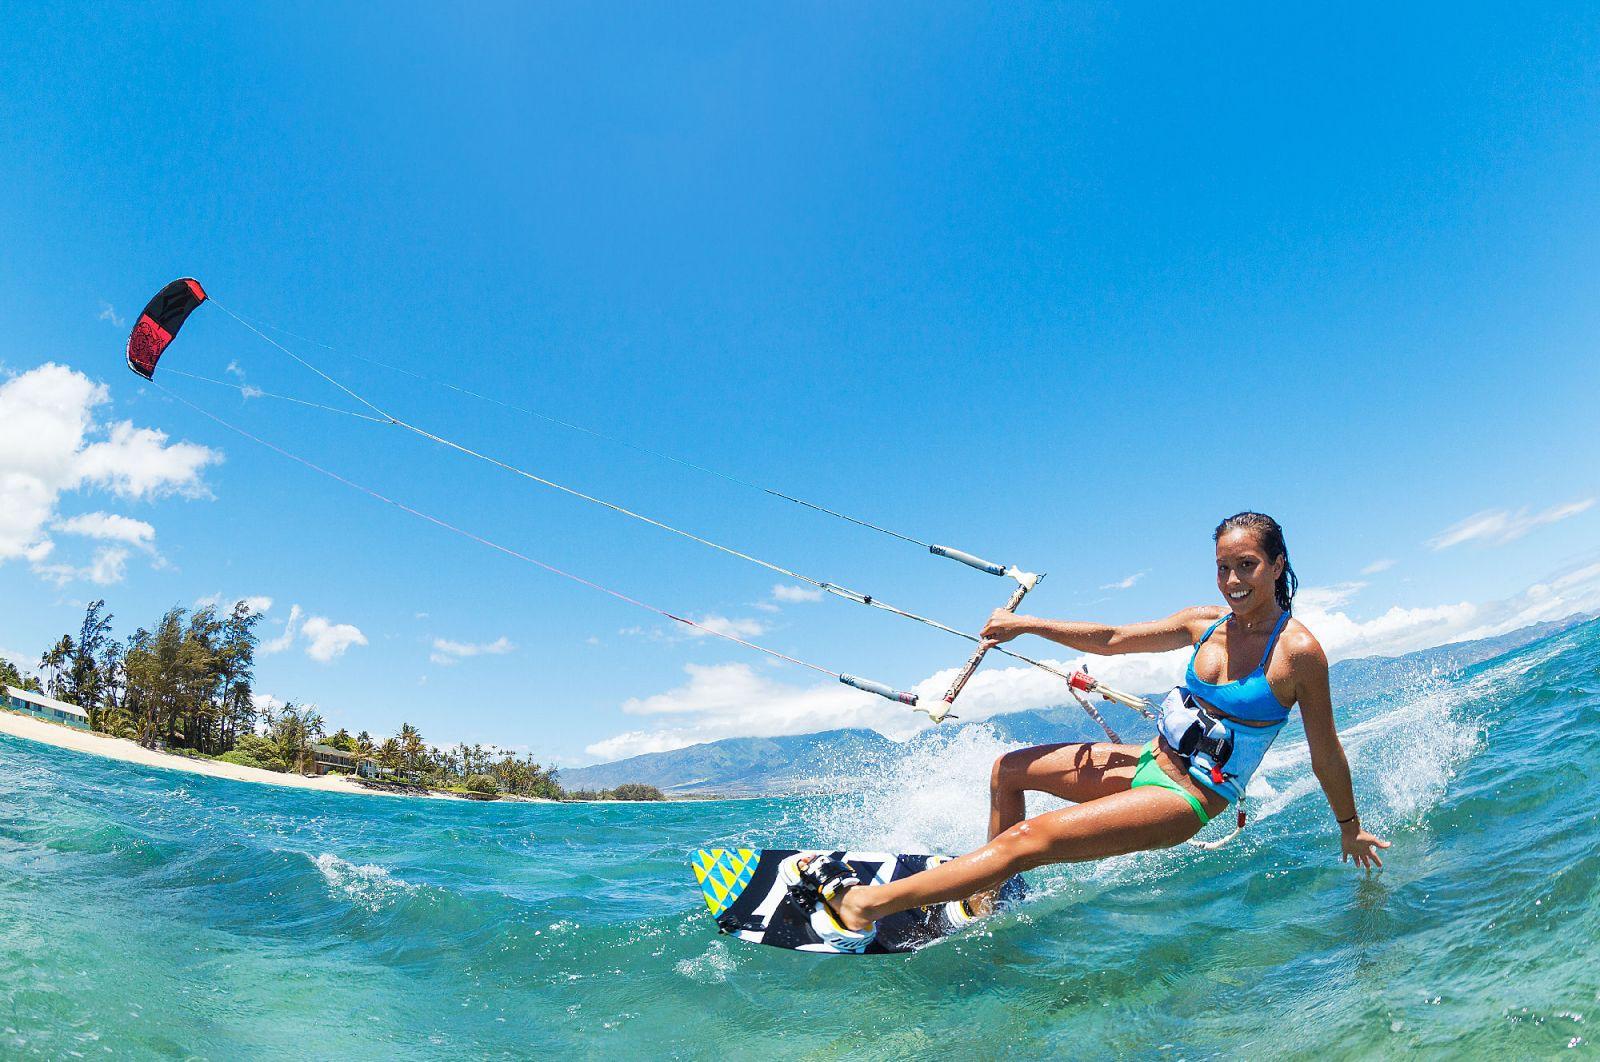 Thể thao mạo hiểm dưới nước tại Hòn Thơm